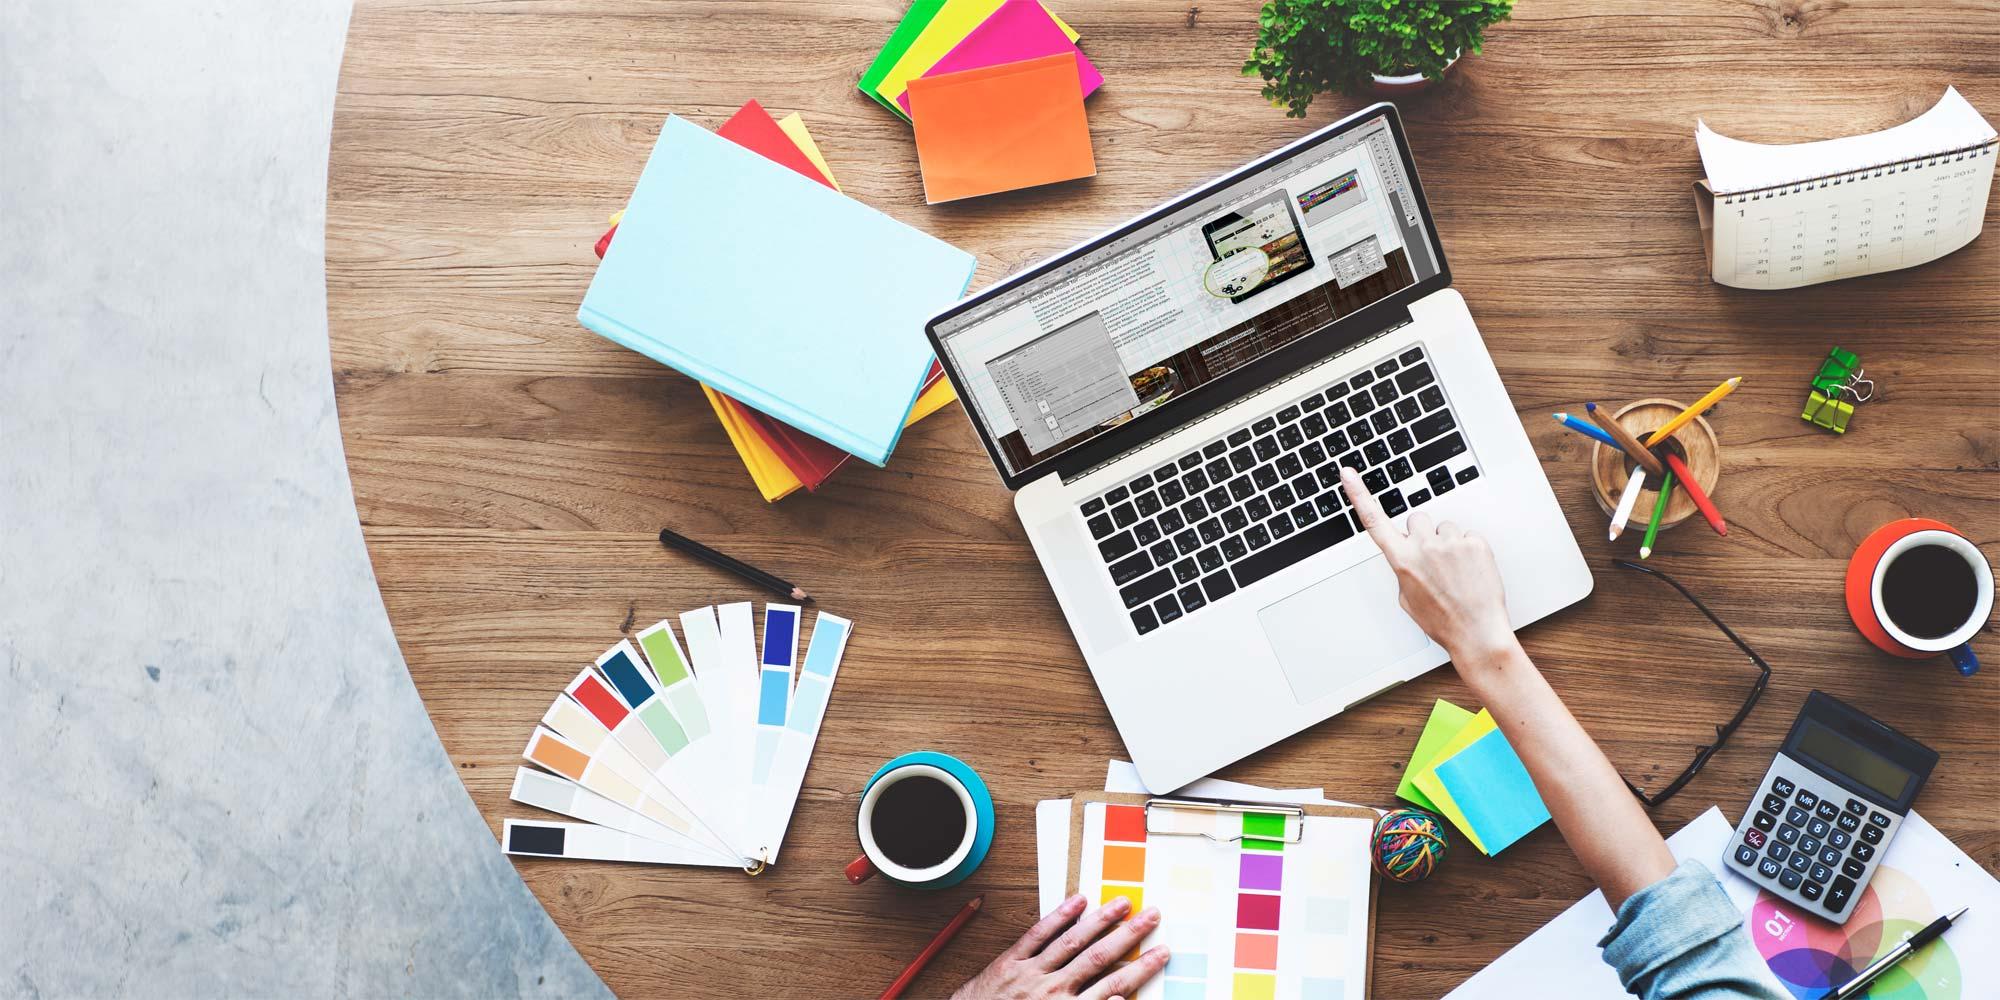 thiết kế website giáo dục 03